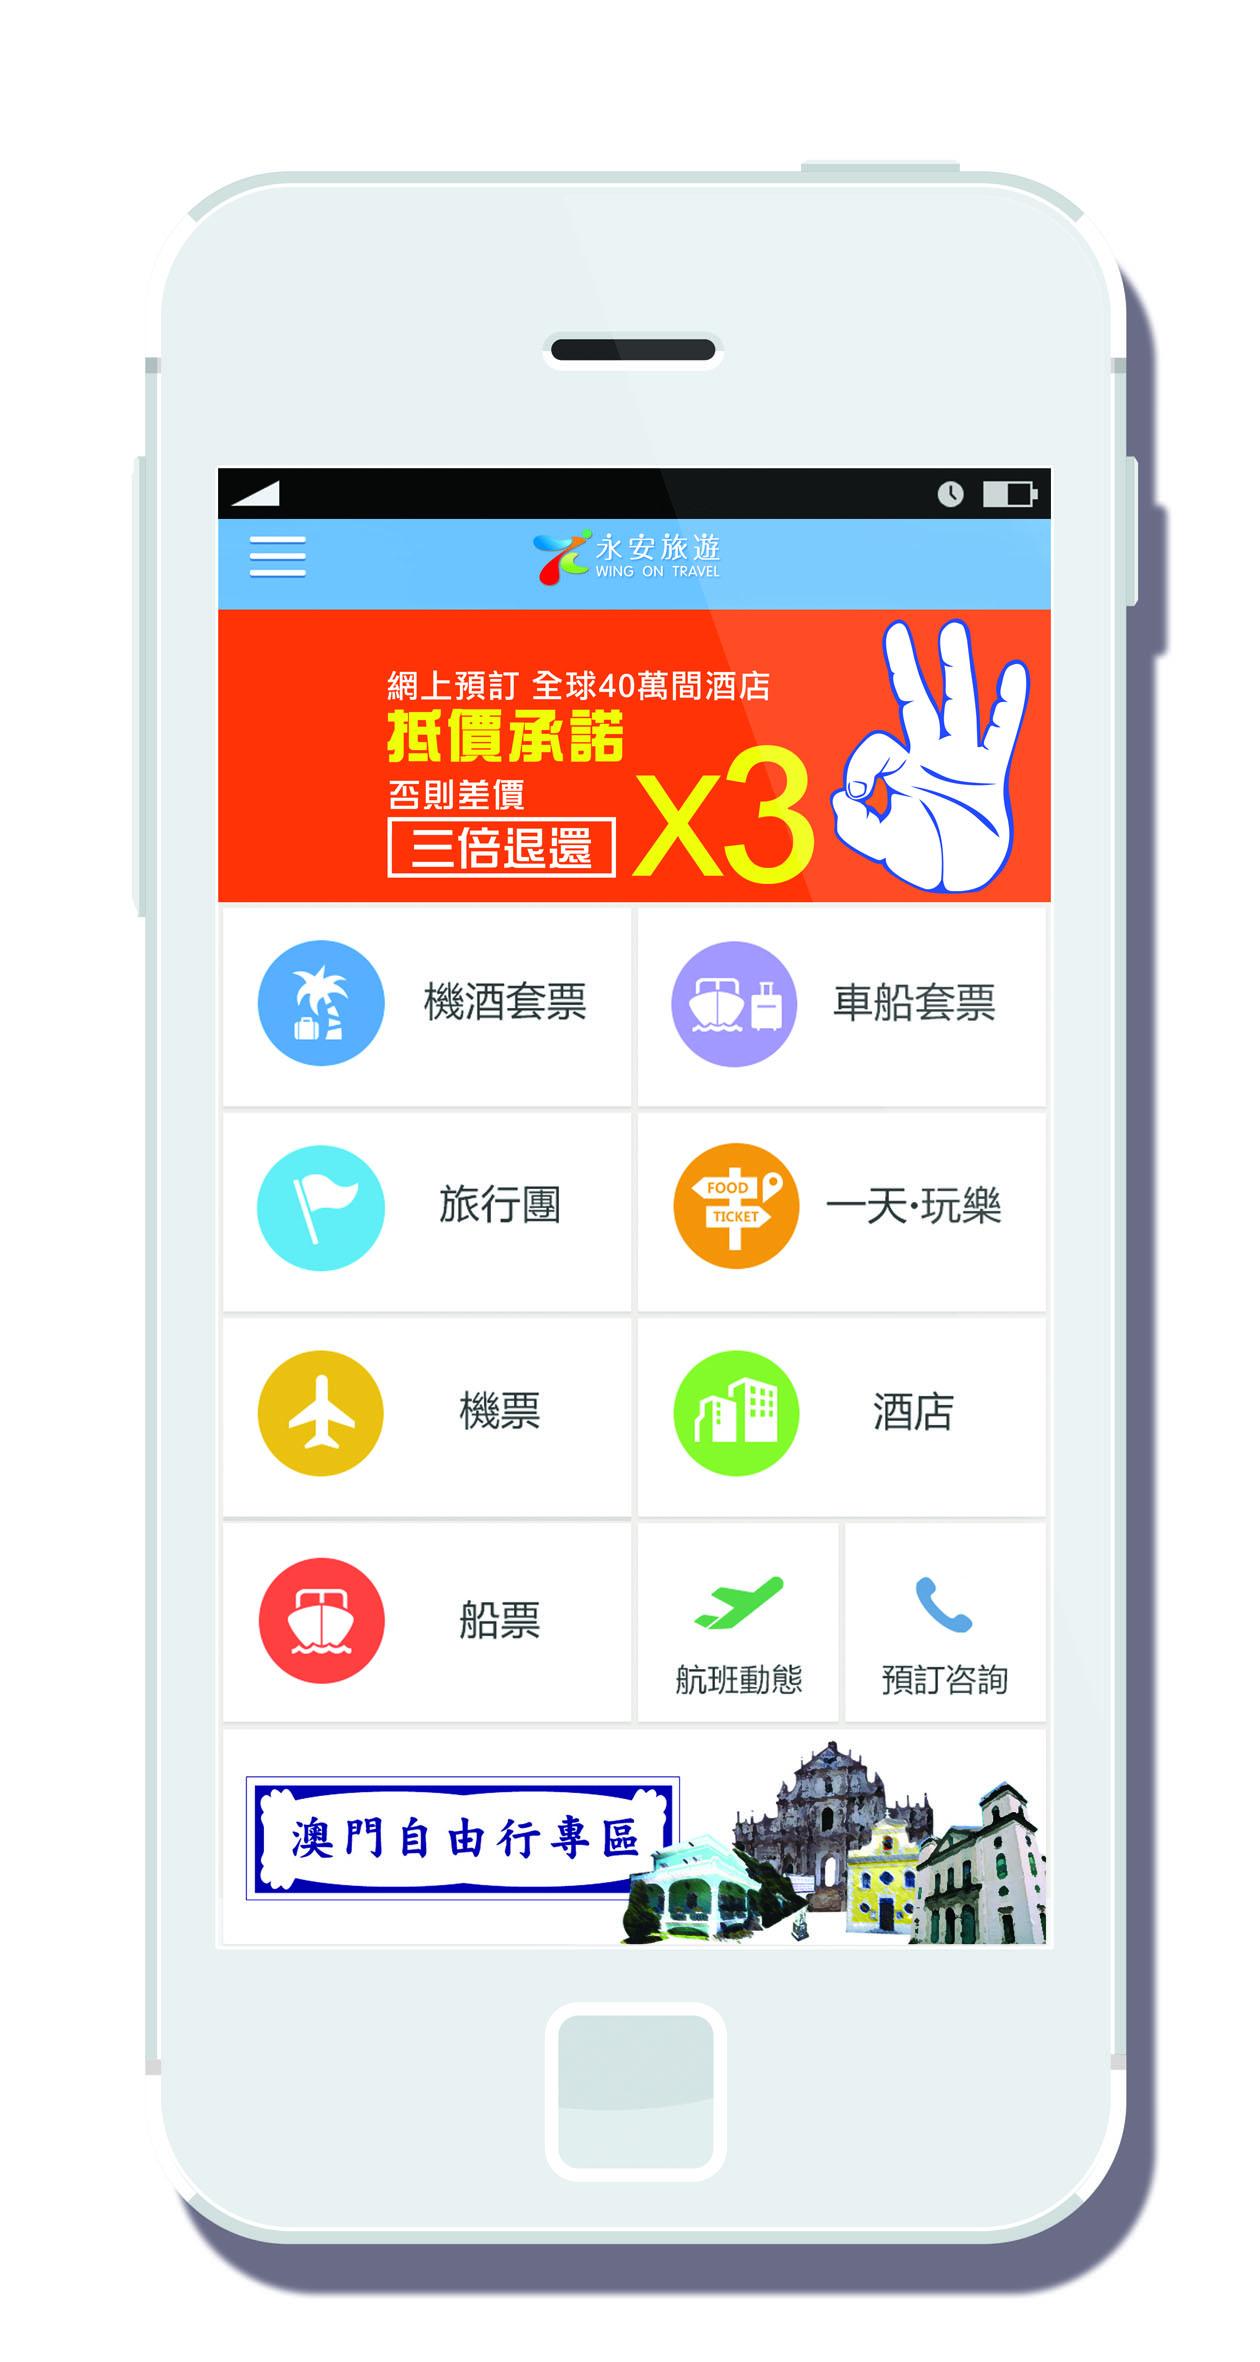 永安旅遊手機APP新介面